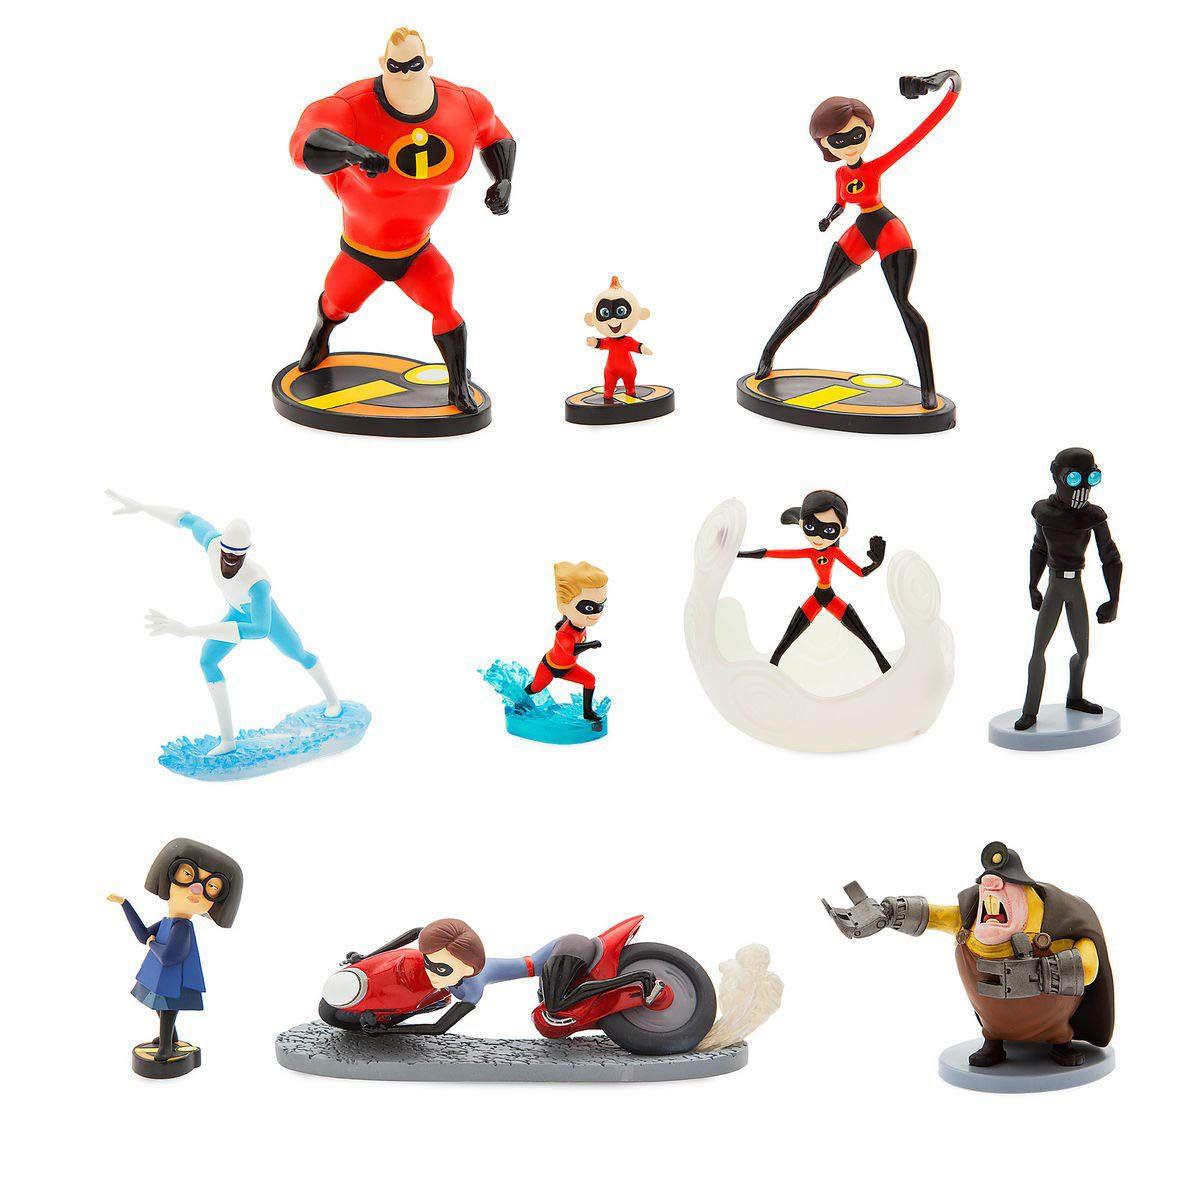 Disney Pixar Os incríveis 2 Deluxe Figure Set com 10 Personagens